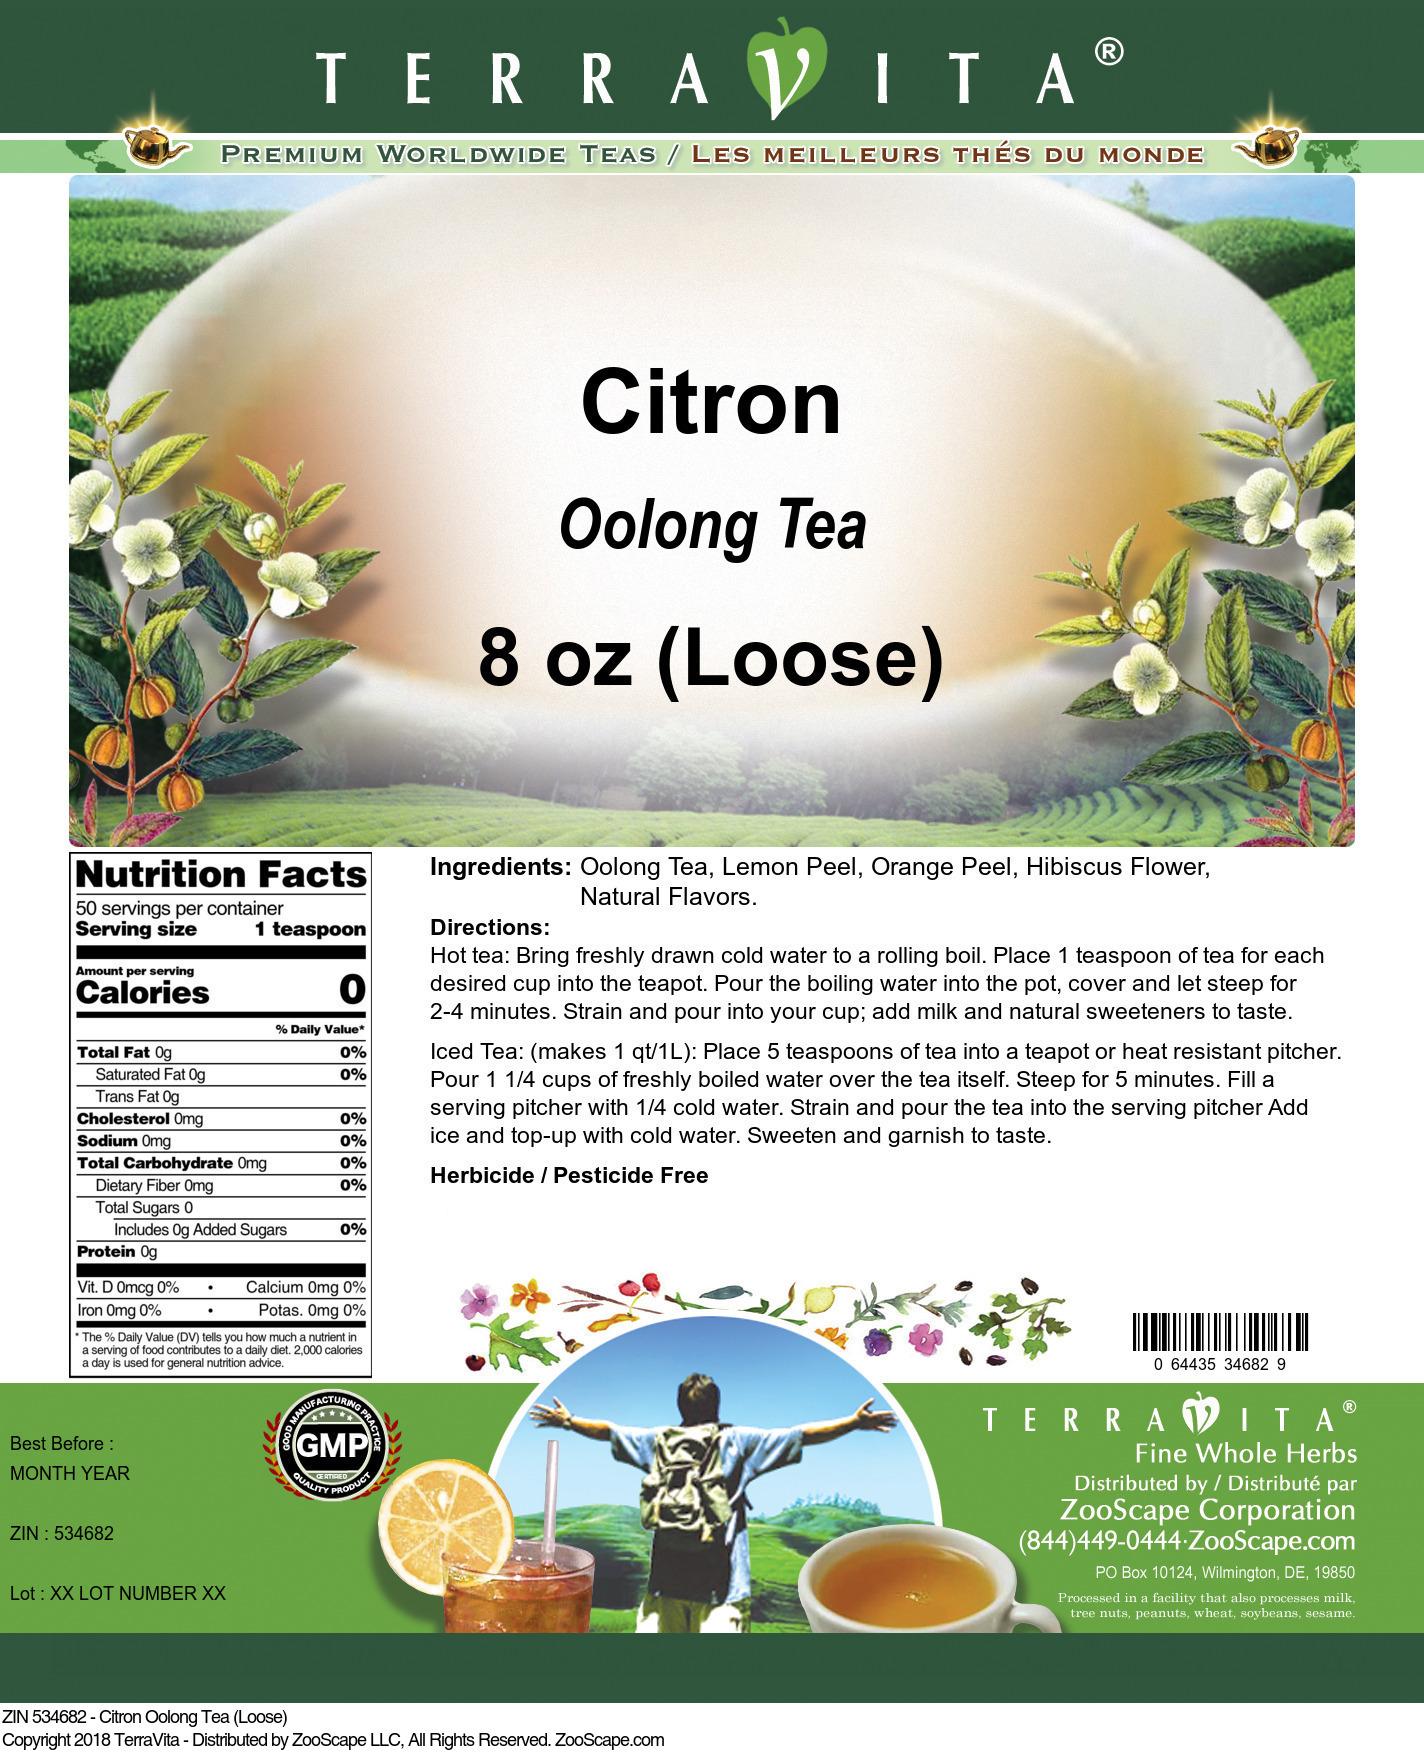 Citron Oolong Tea (Loose)